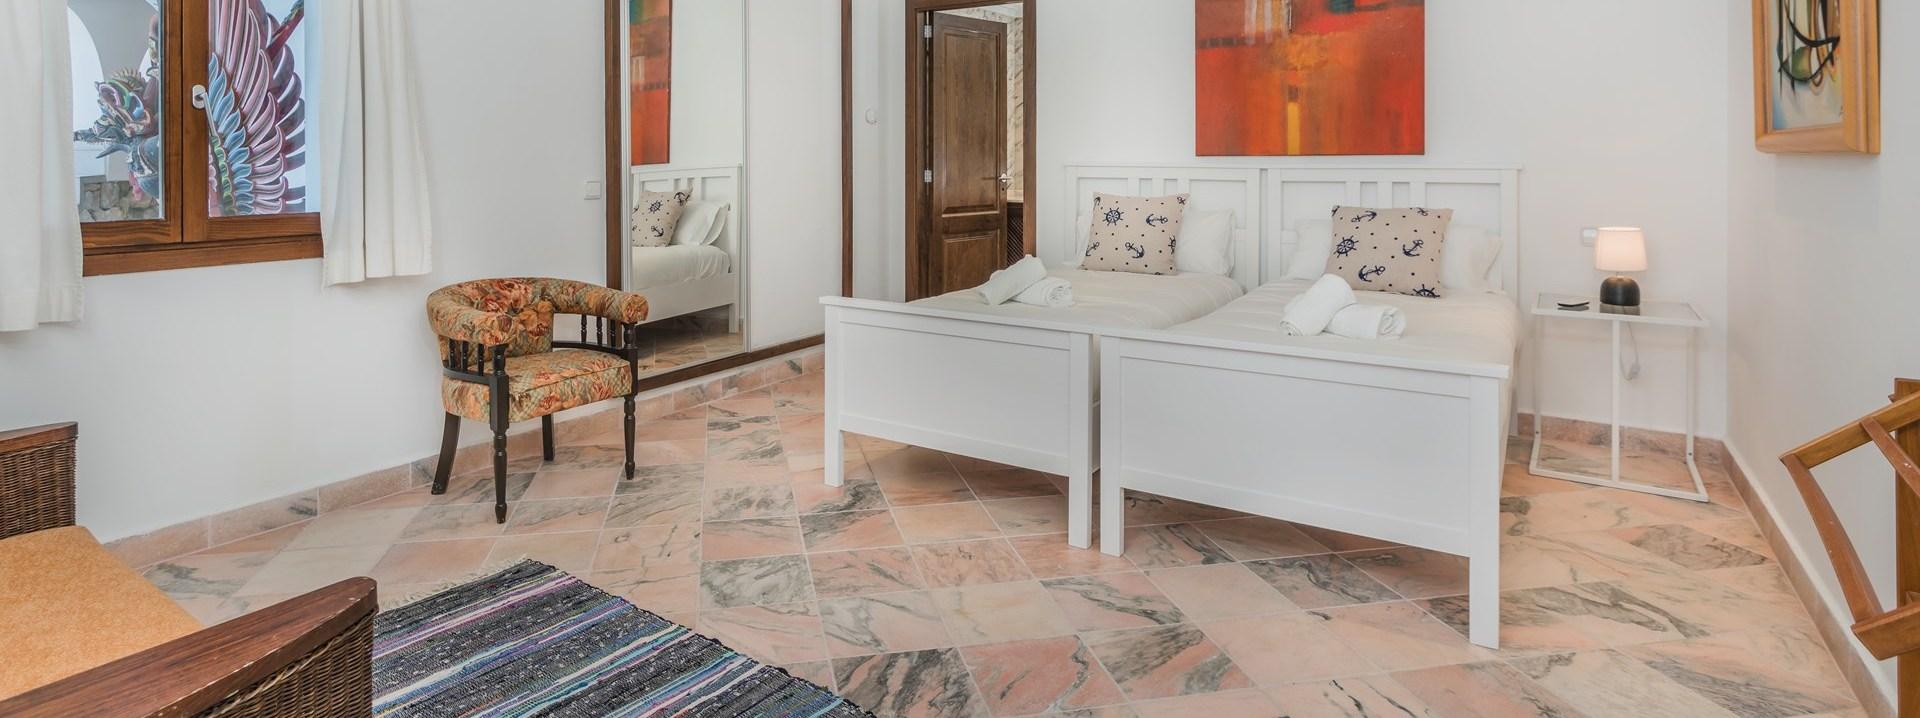 el-mirador-twin-bedroom